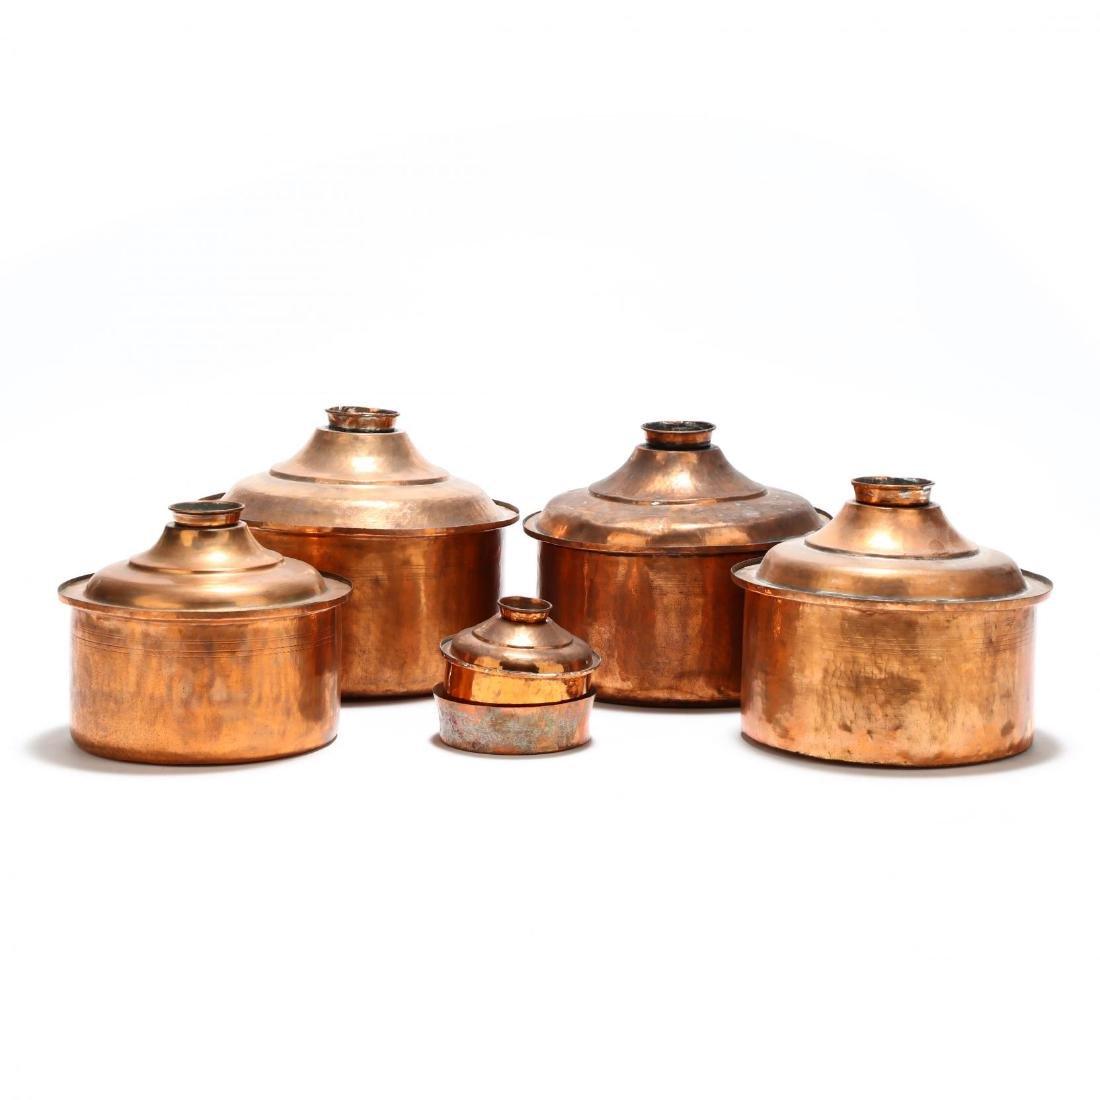 Five Graduated Copper Stock Pots